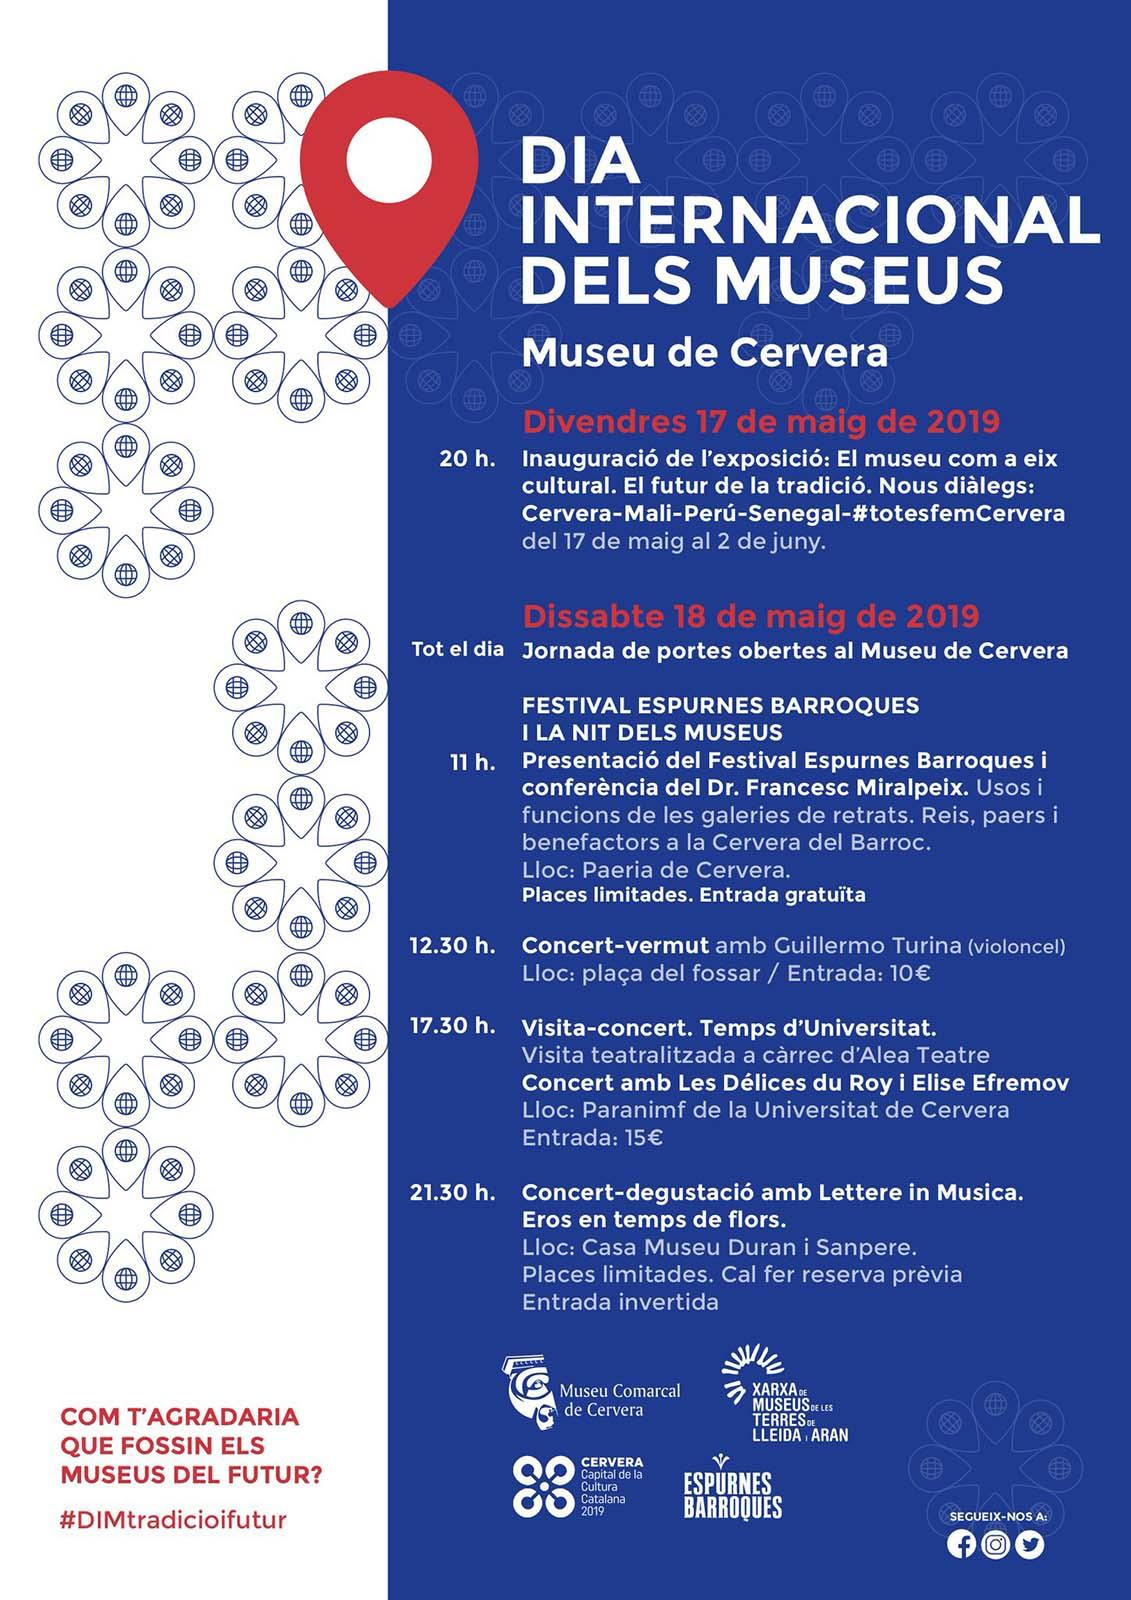 Dia Internacional dels Museus 2019